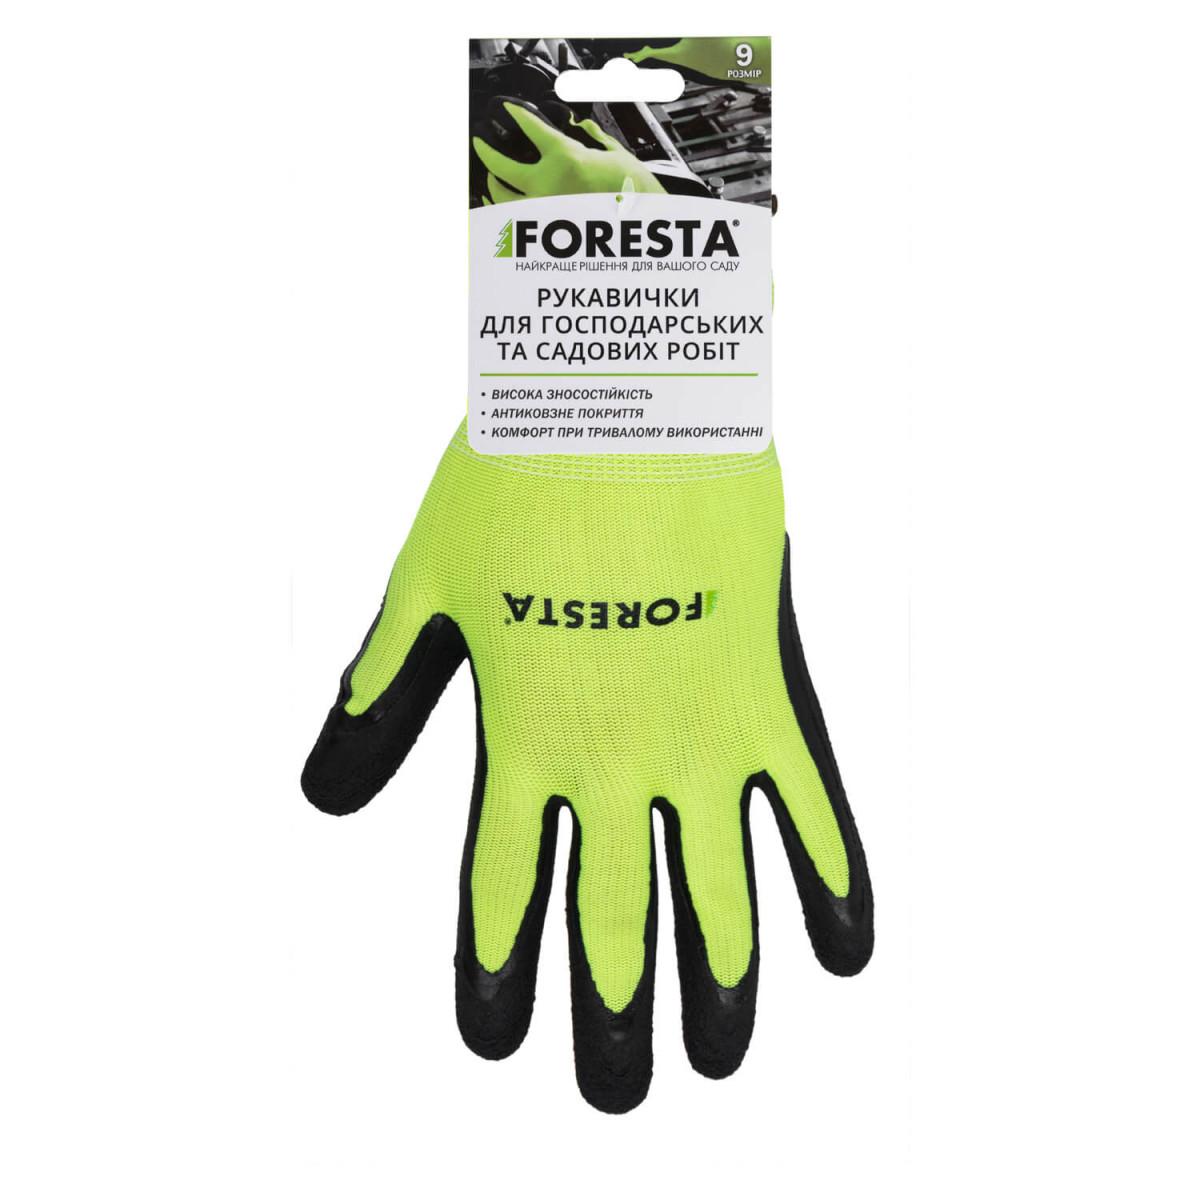 Рукавички Foresta для господарських і садових робіт